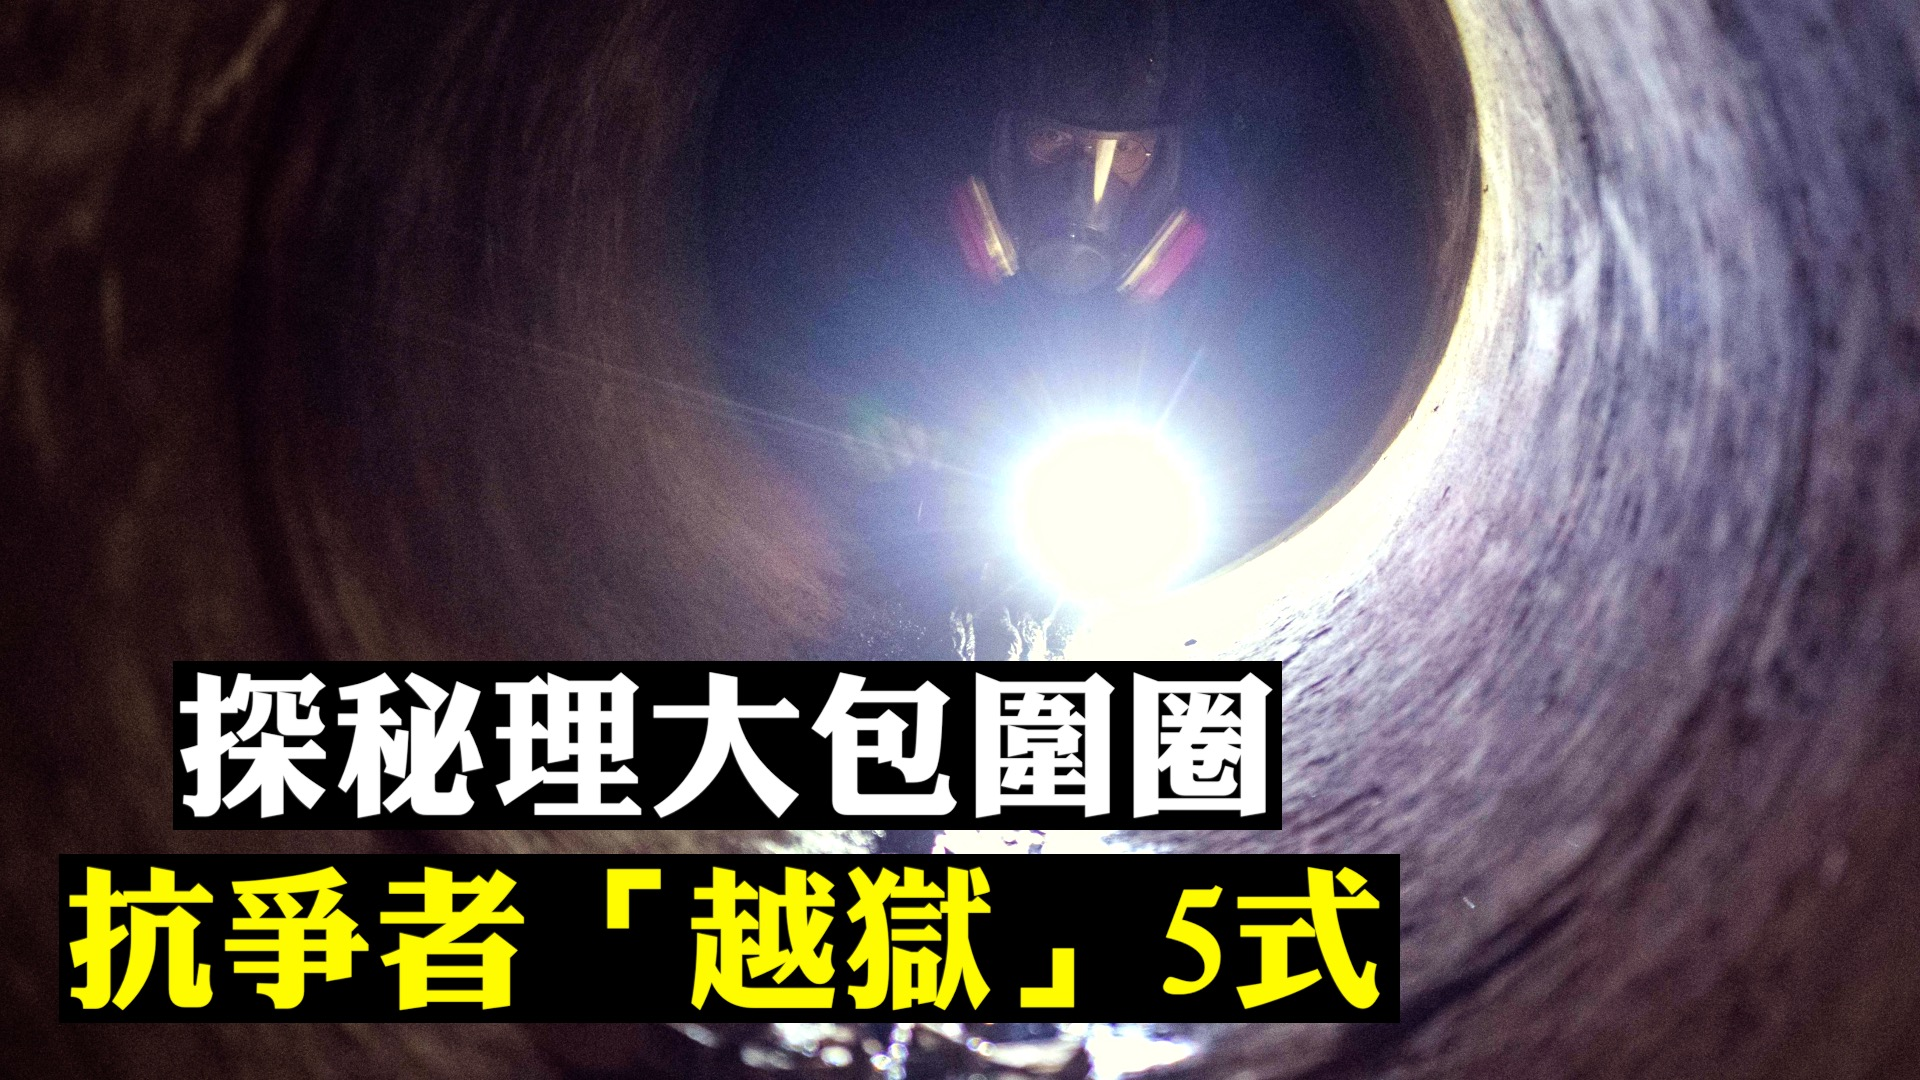 【拍案驚奇】探秘理大被包圍 黑衣人5招越獄